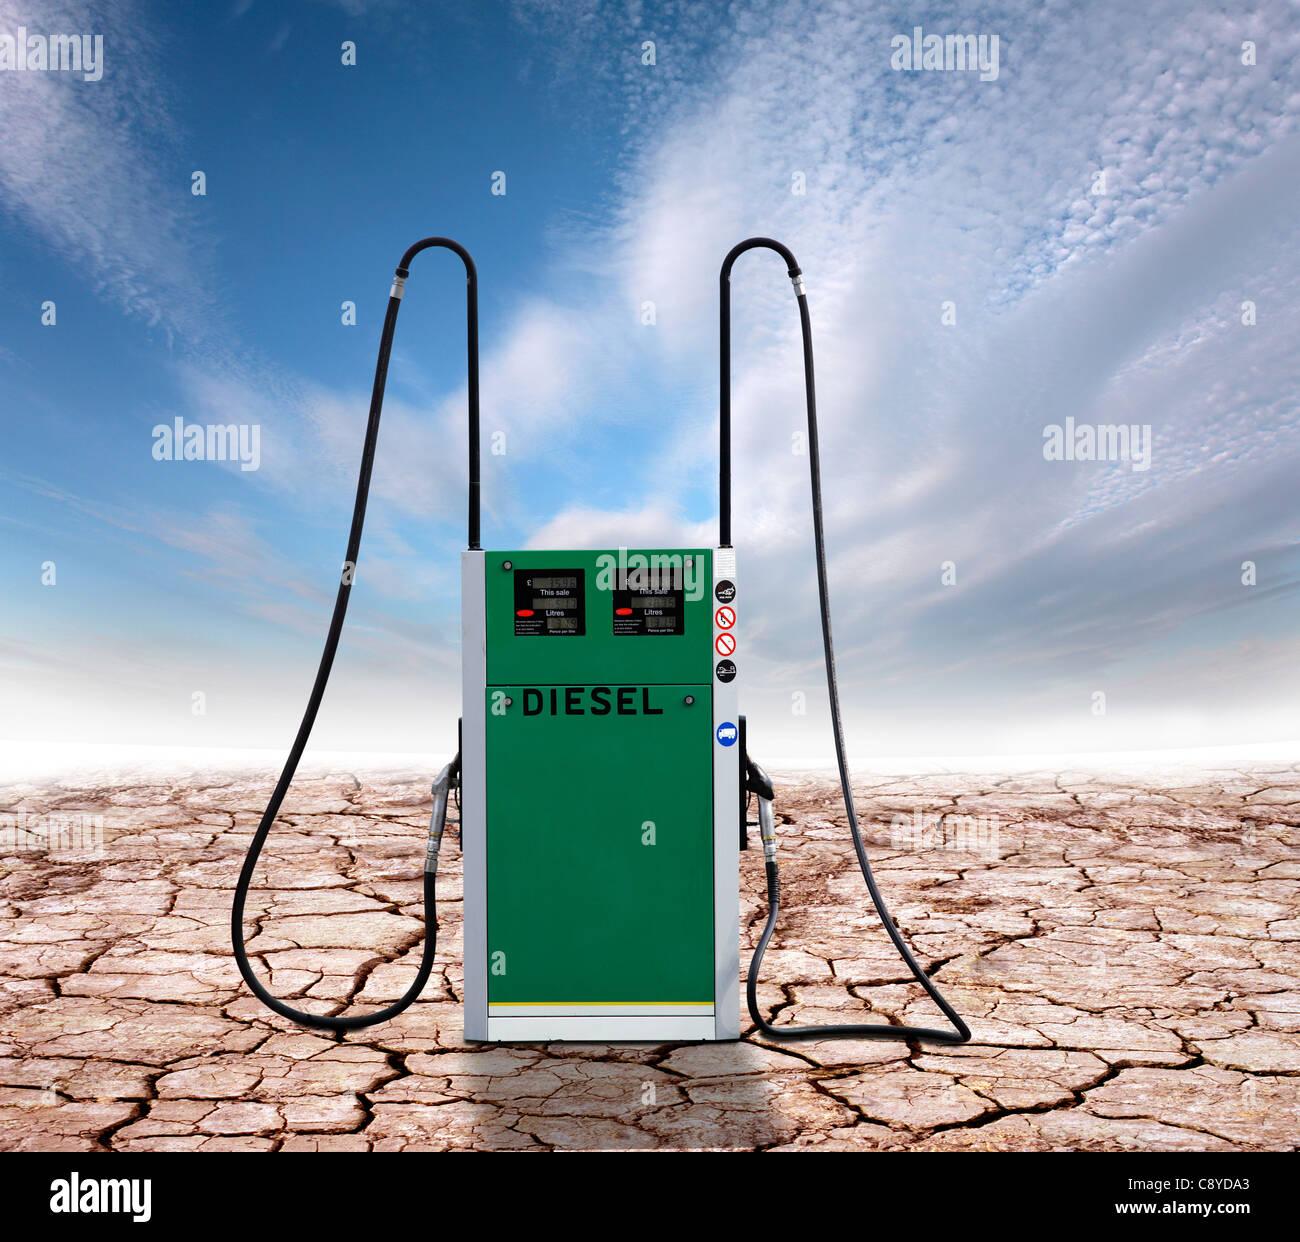 Pompe diesel sur un arrière-plan de la terre craquelée, représentant le changement climatique en Photo Stock